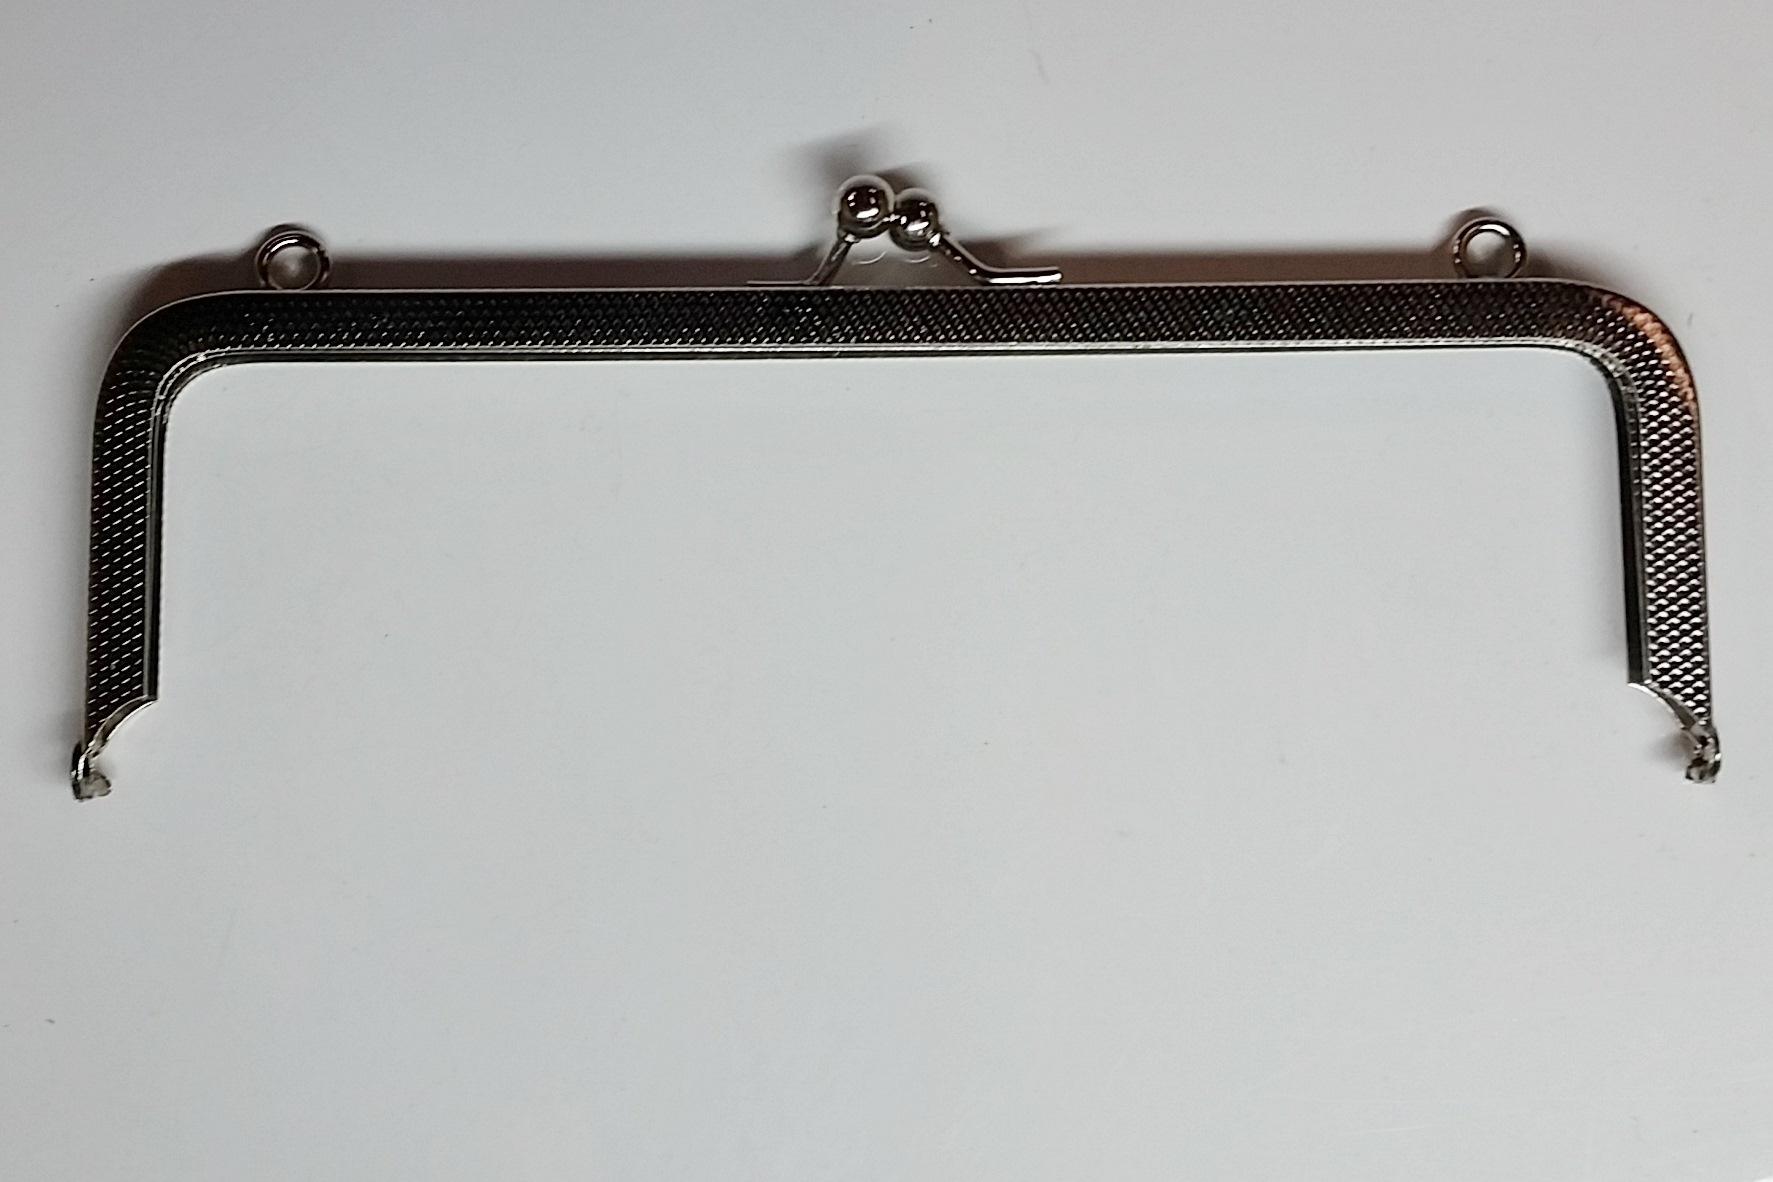 Armação 16cm x 5cm c/ argolas Niquelada